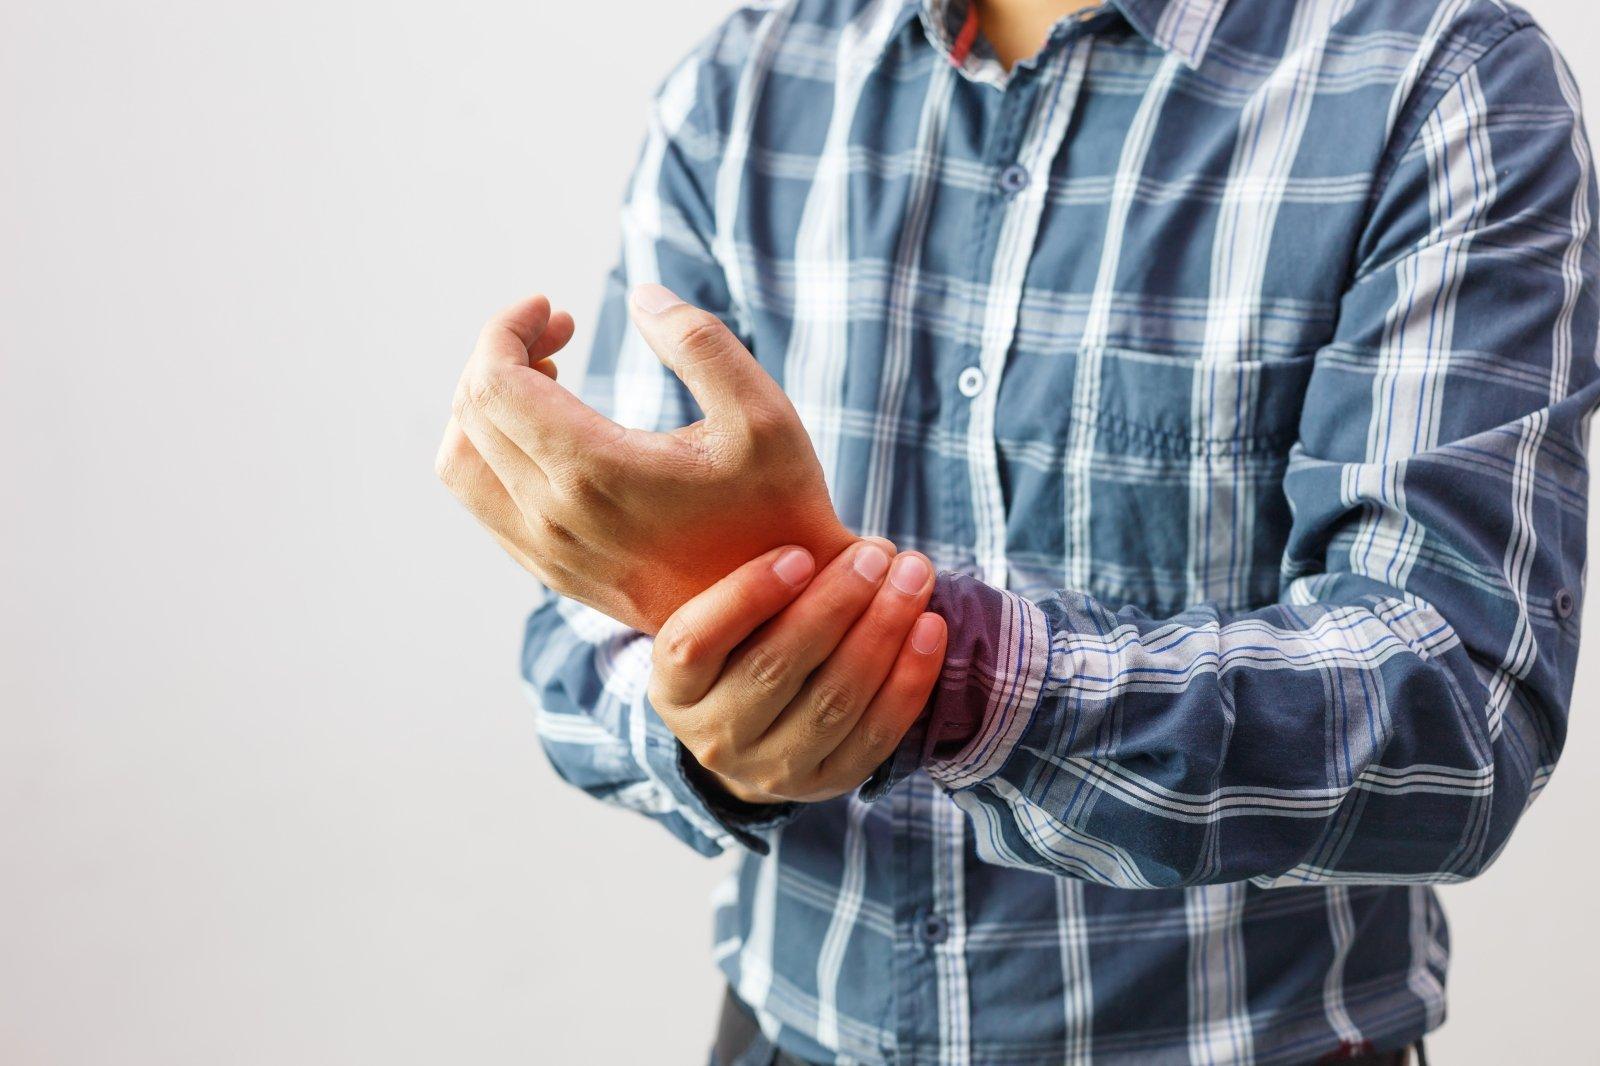 Jaunatvinis idiopatinis artritas (jia)   Liga   wall4ever.com